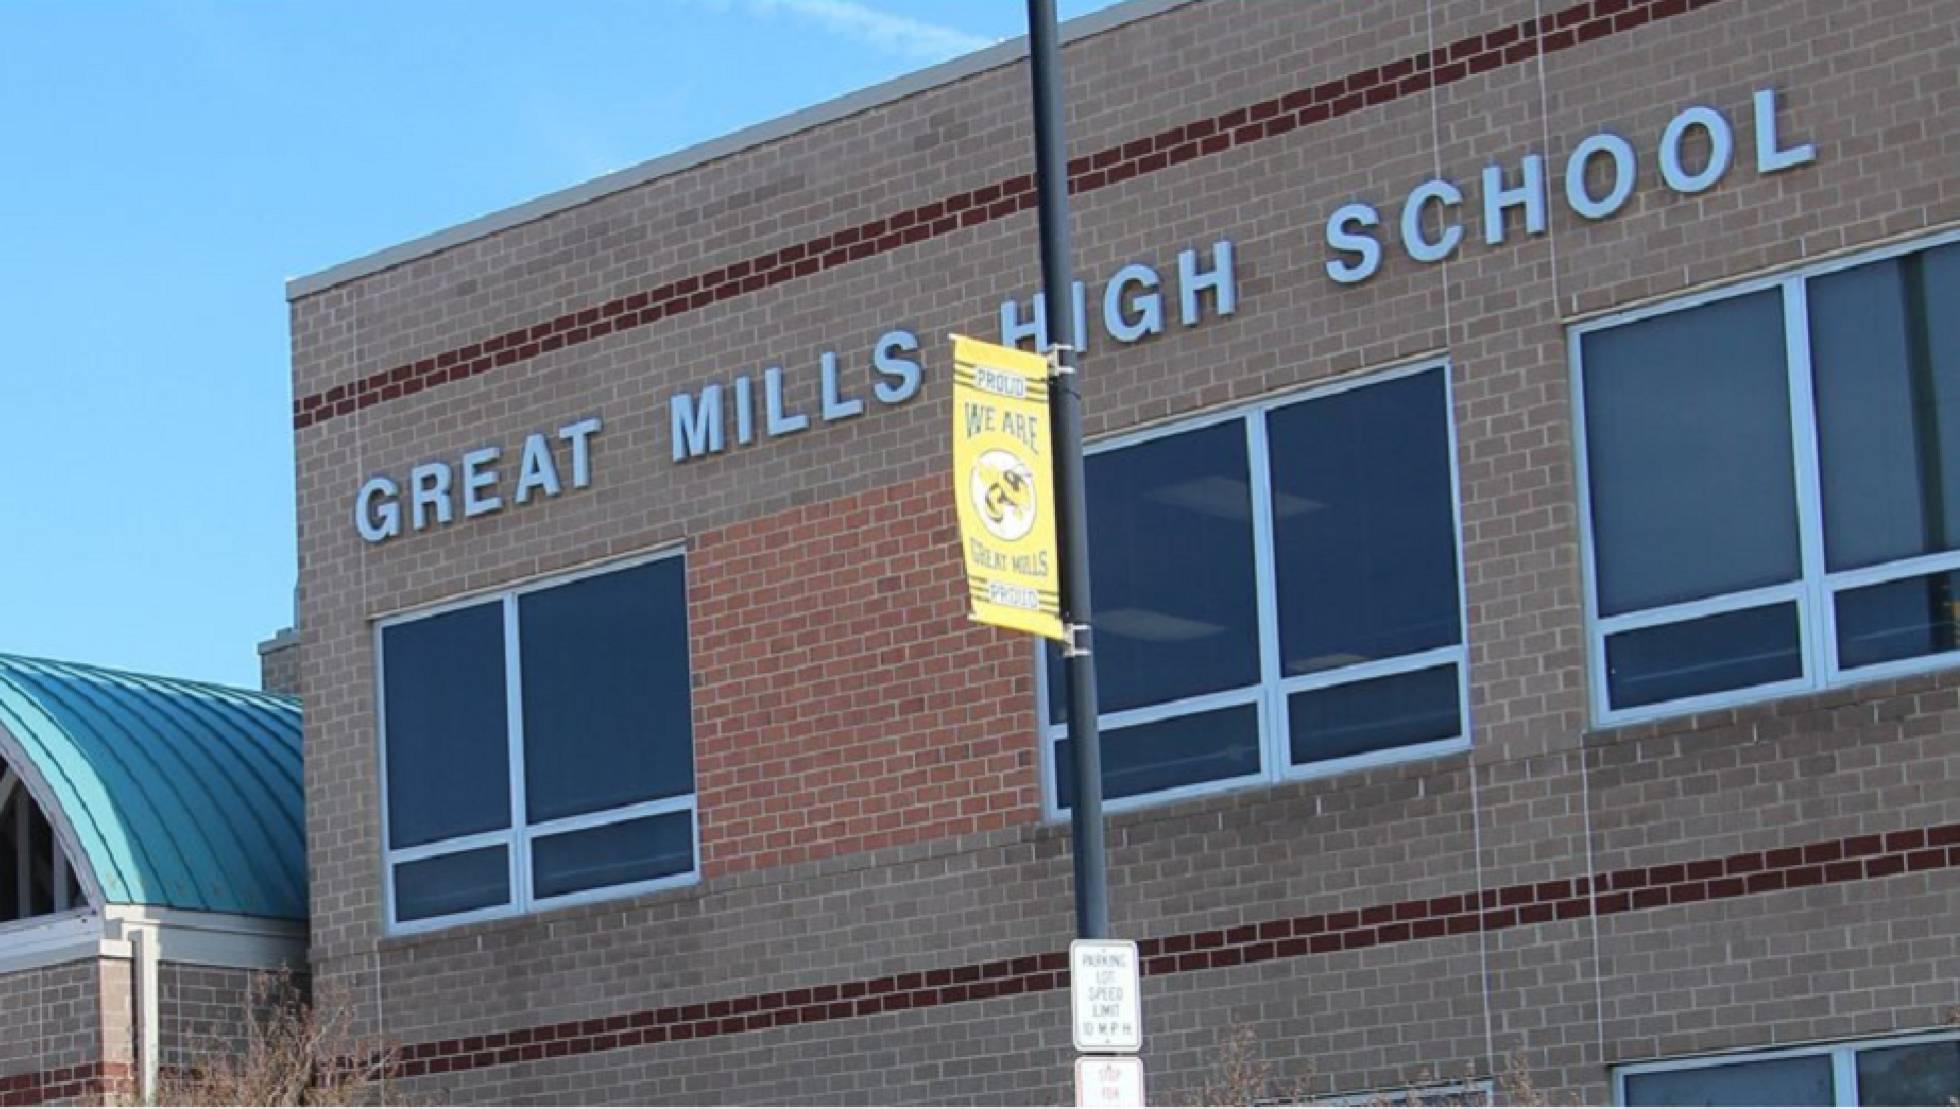 Tiroteo en escuela de Maryland dejó heridos